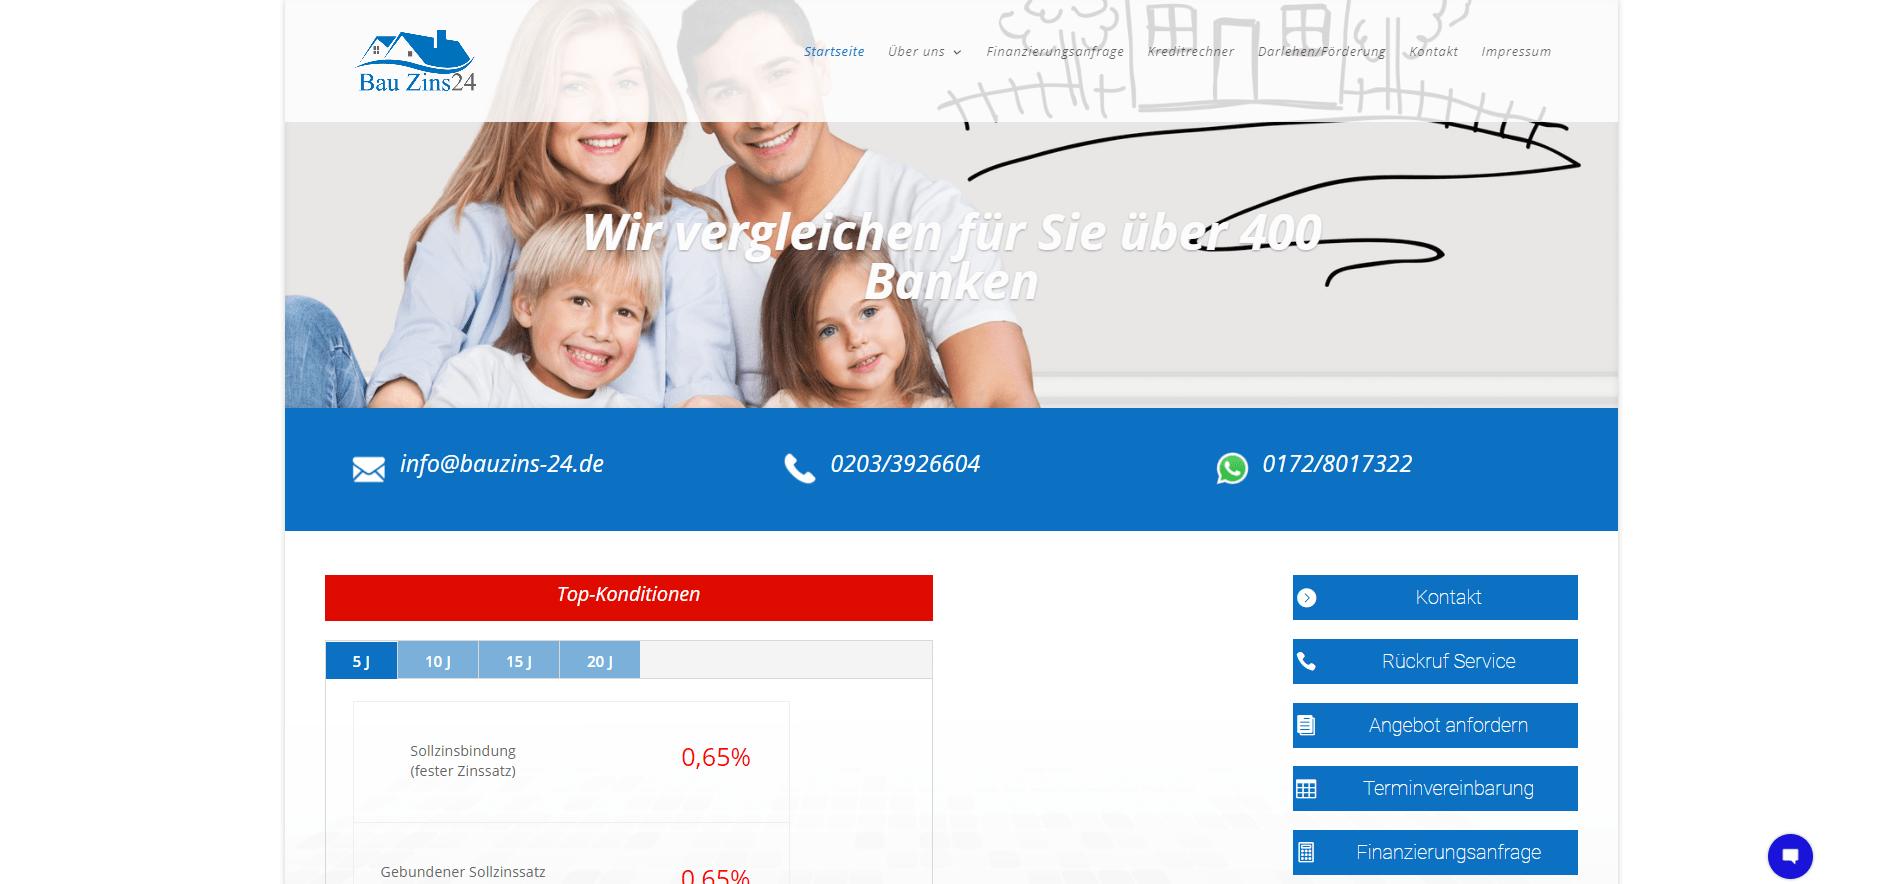 Bauzins24.de Bester Zins Vergleich von über 400 Banken.